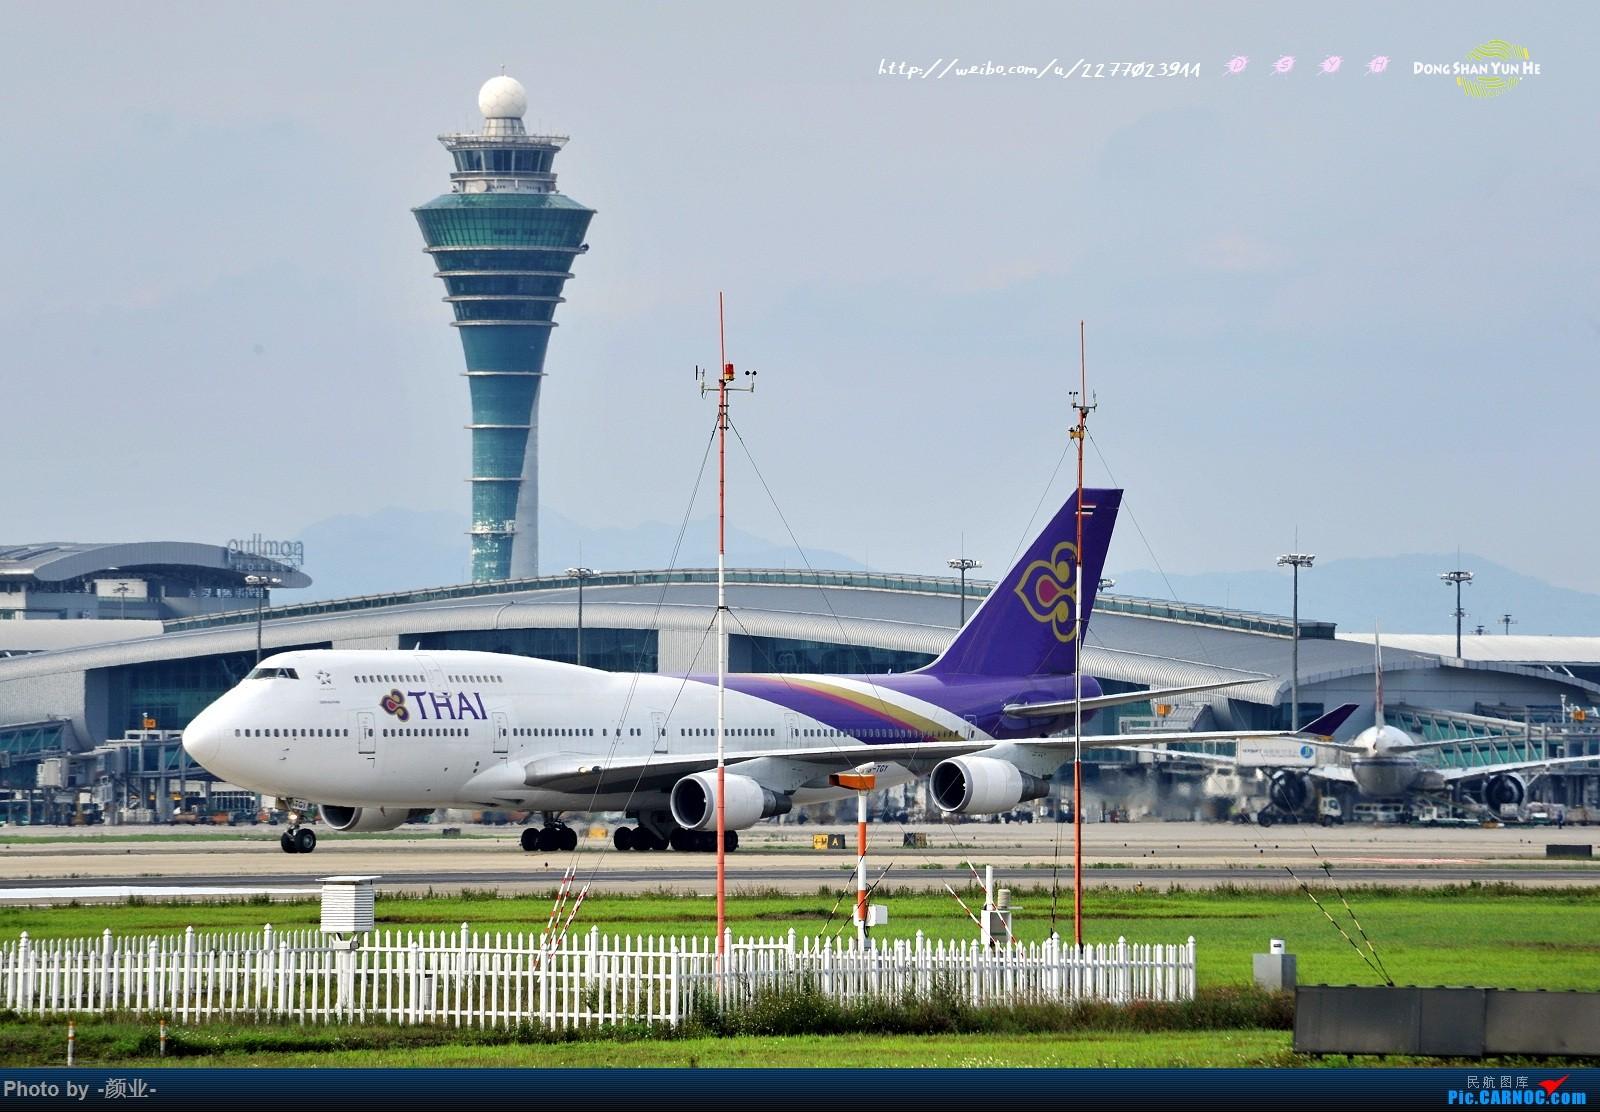 Re:[原创]2011-2016我的打灰机心情[广州] BOEING 747-400 HS-TGY 中国广州白云国际机场